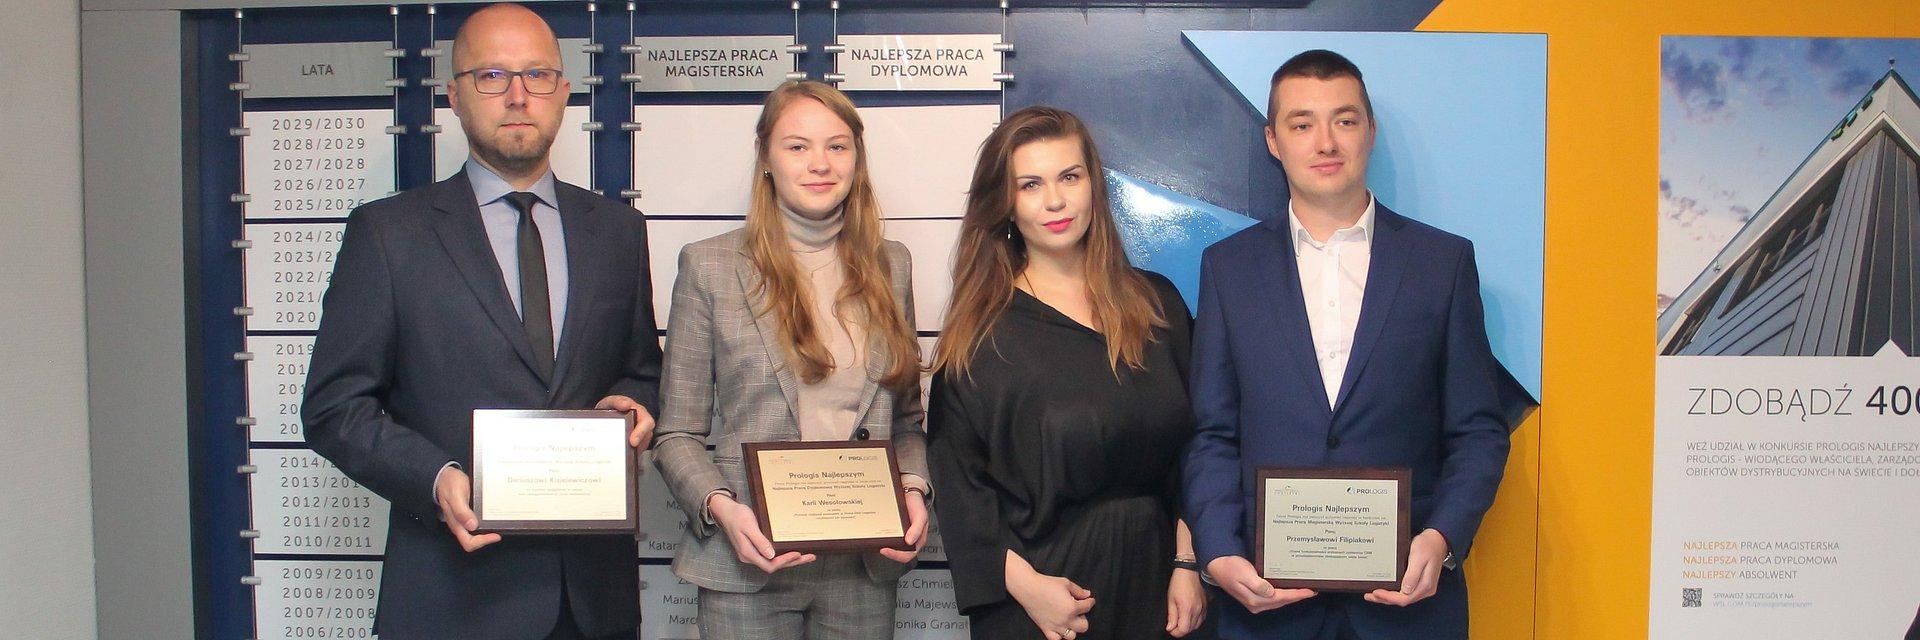 175 000 złotych od Prologis dla najlepszych studentów logistyki